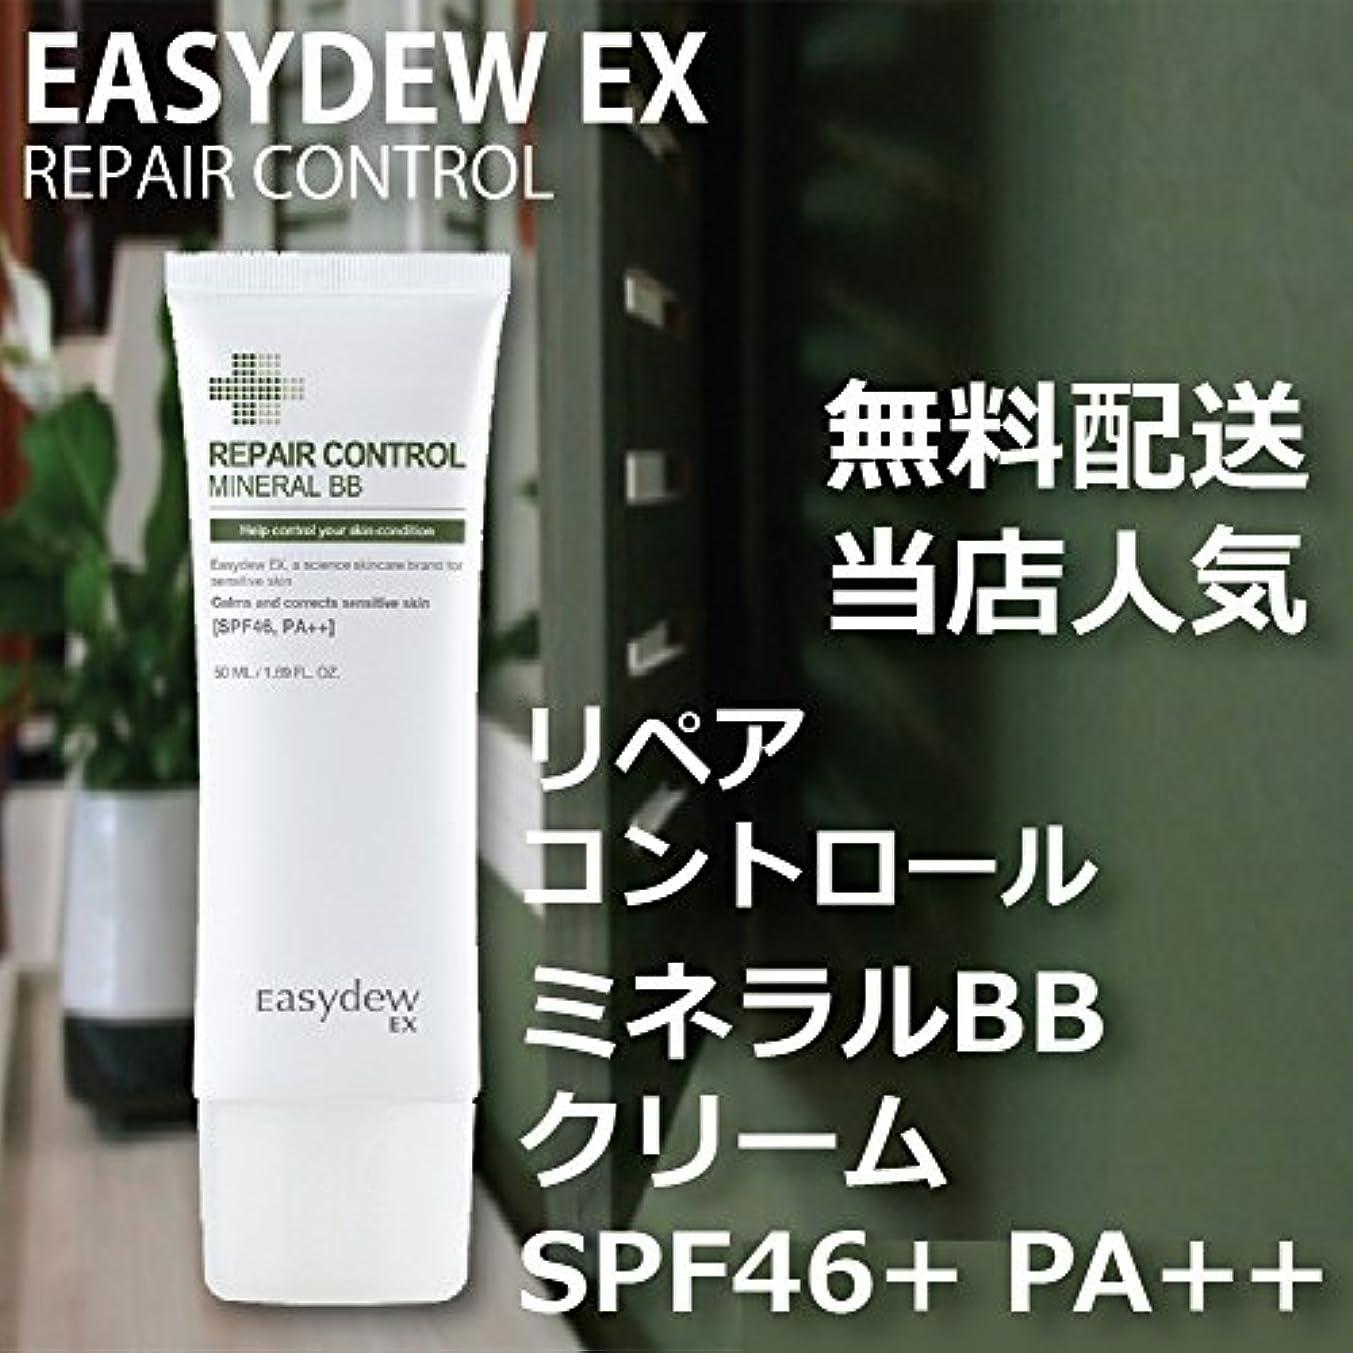 パドルジャンプスーダンEASY DEW EX ミネラル BBクリーム SPF46+ PA++ 50ml MINRAL BB CREAM 韓国 人気 コスメ イージーデュー 敏感 乾燥 美白 しわ 3重機能性